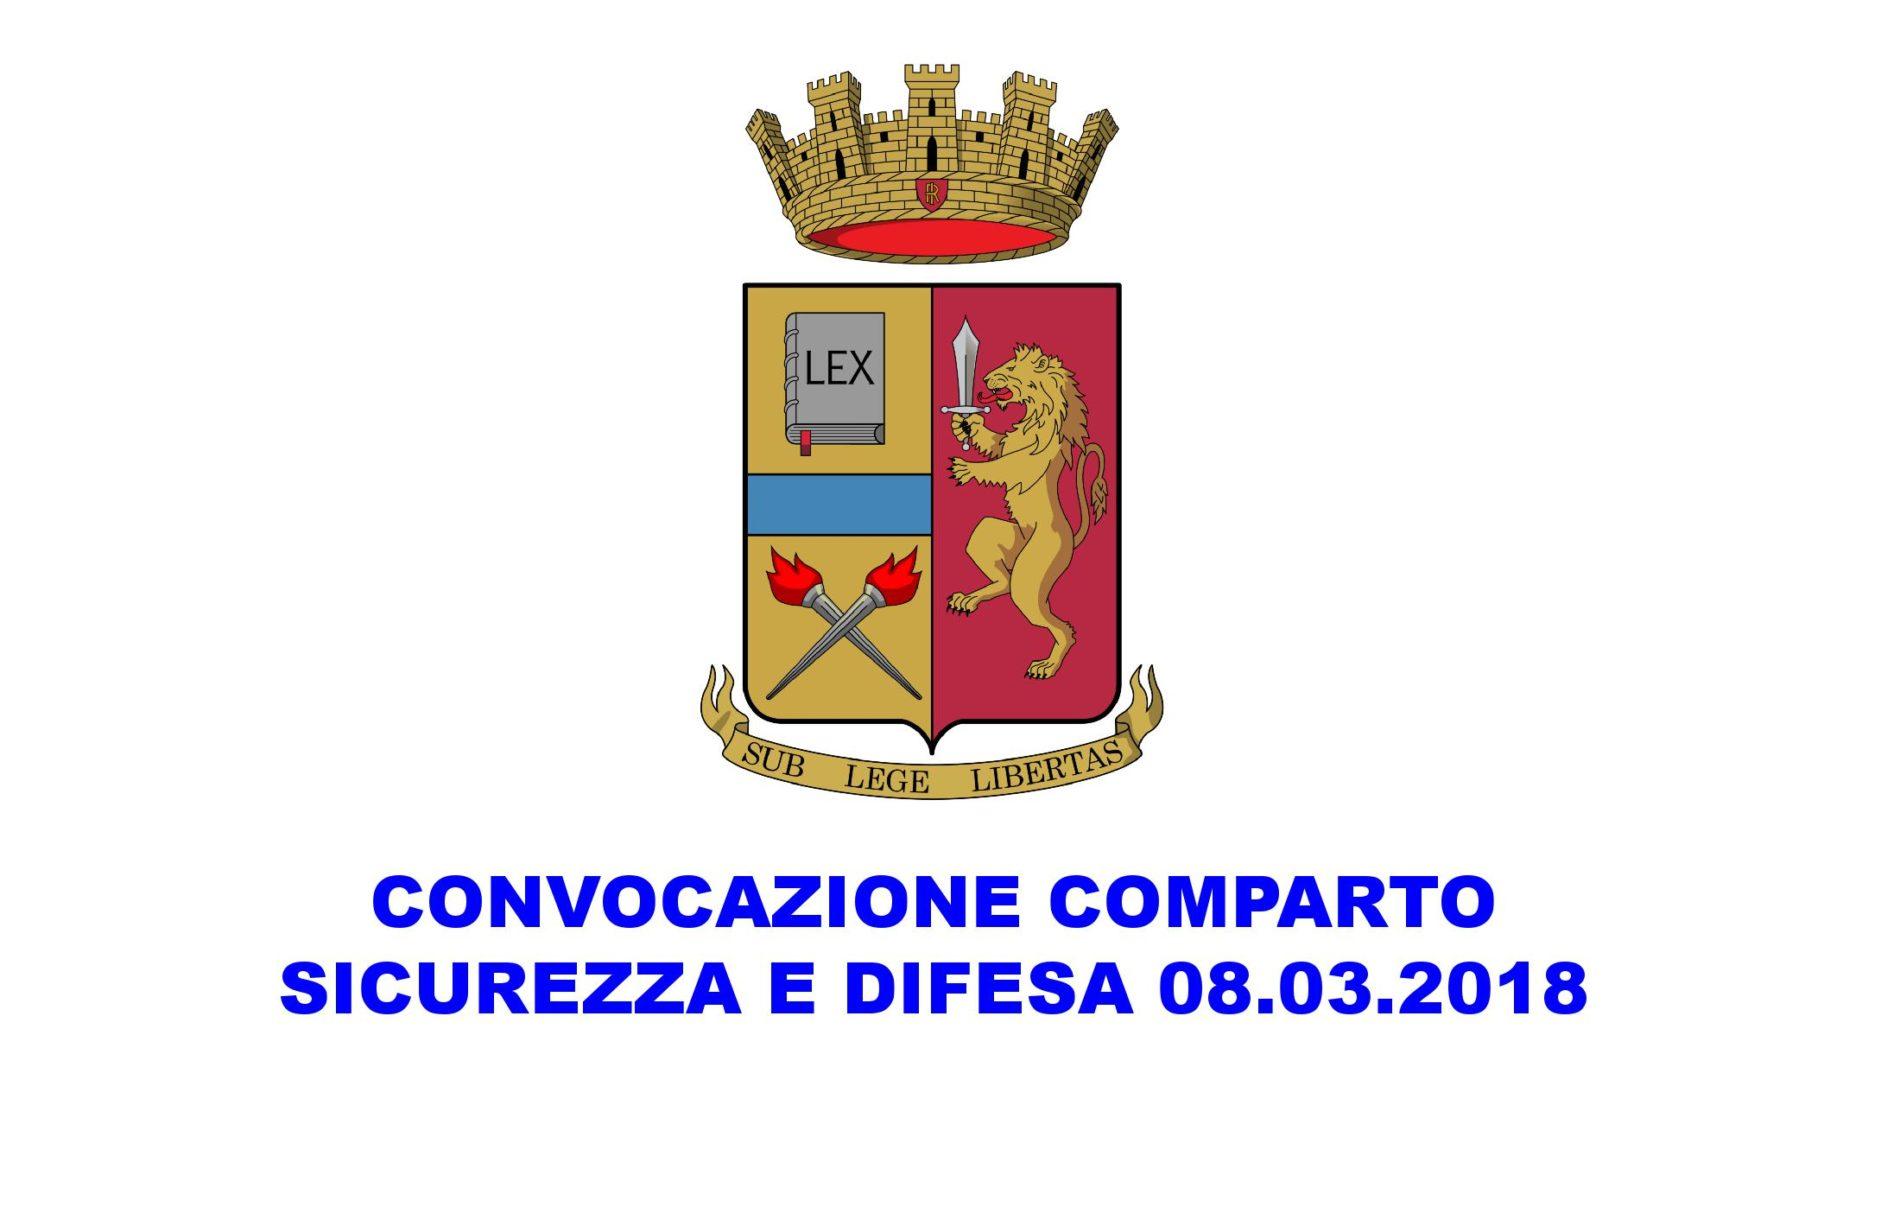 Convocazione Comparto Sicurezza e Difesa 08.03.2018